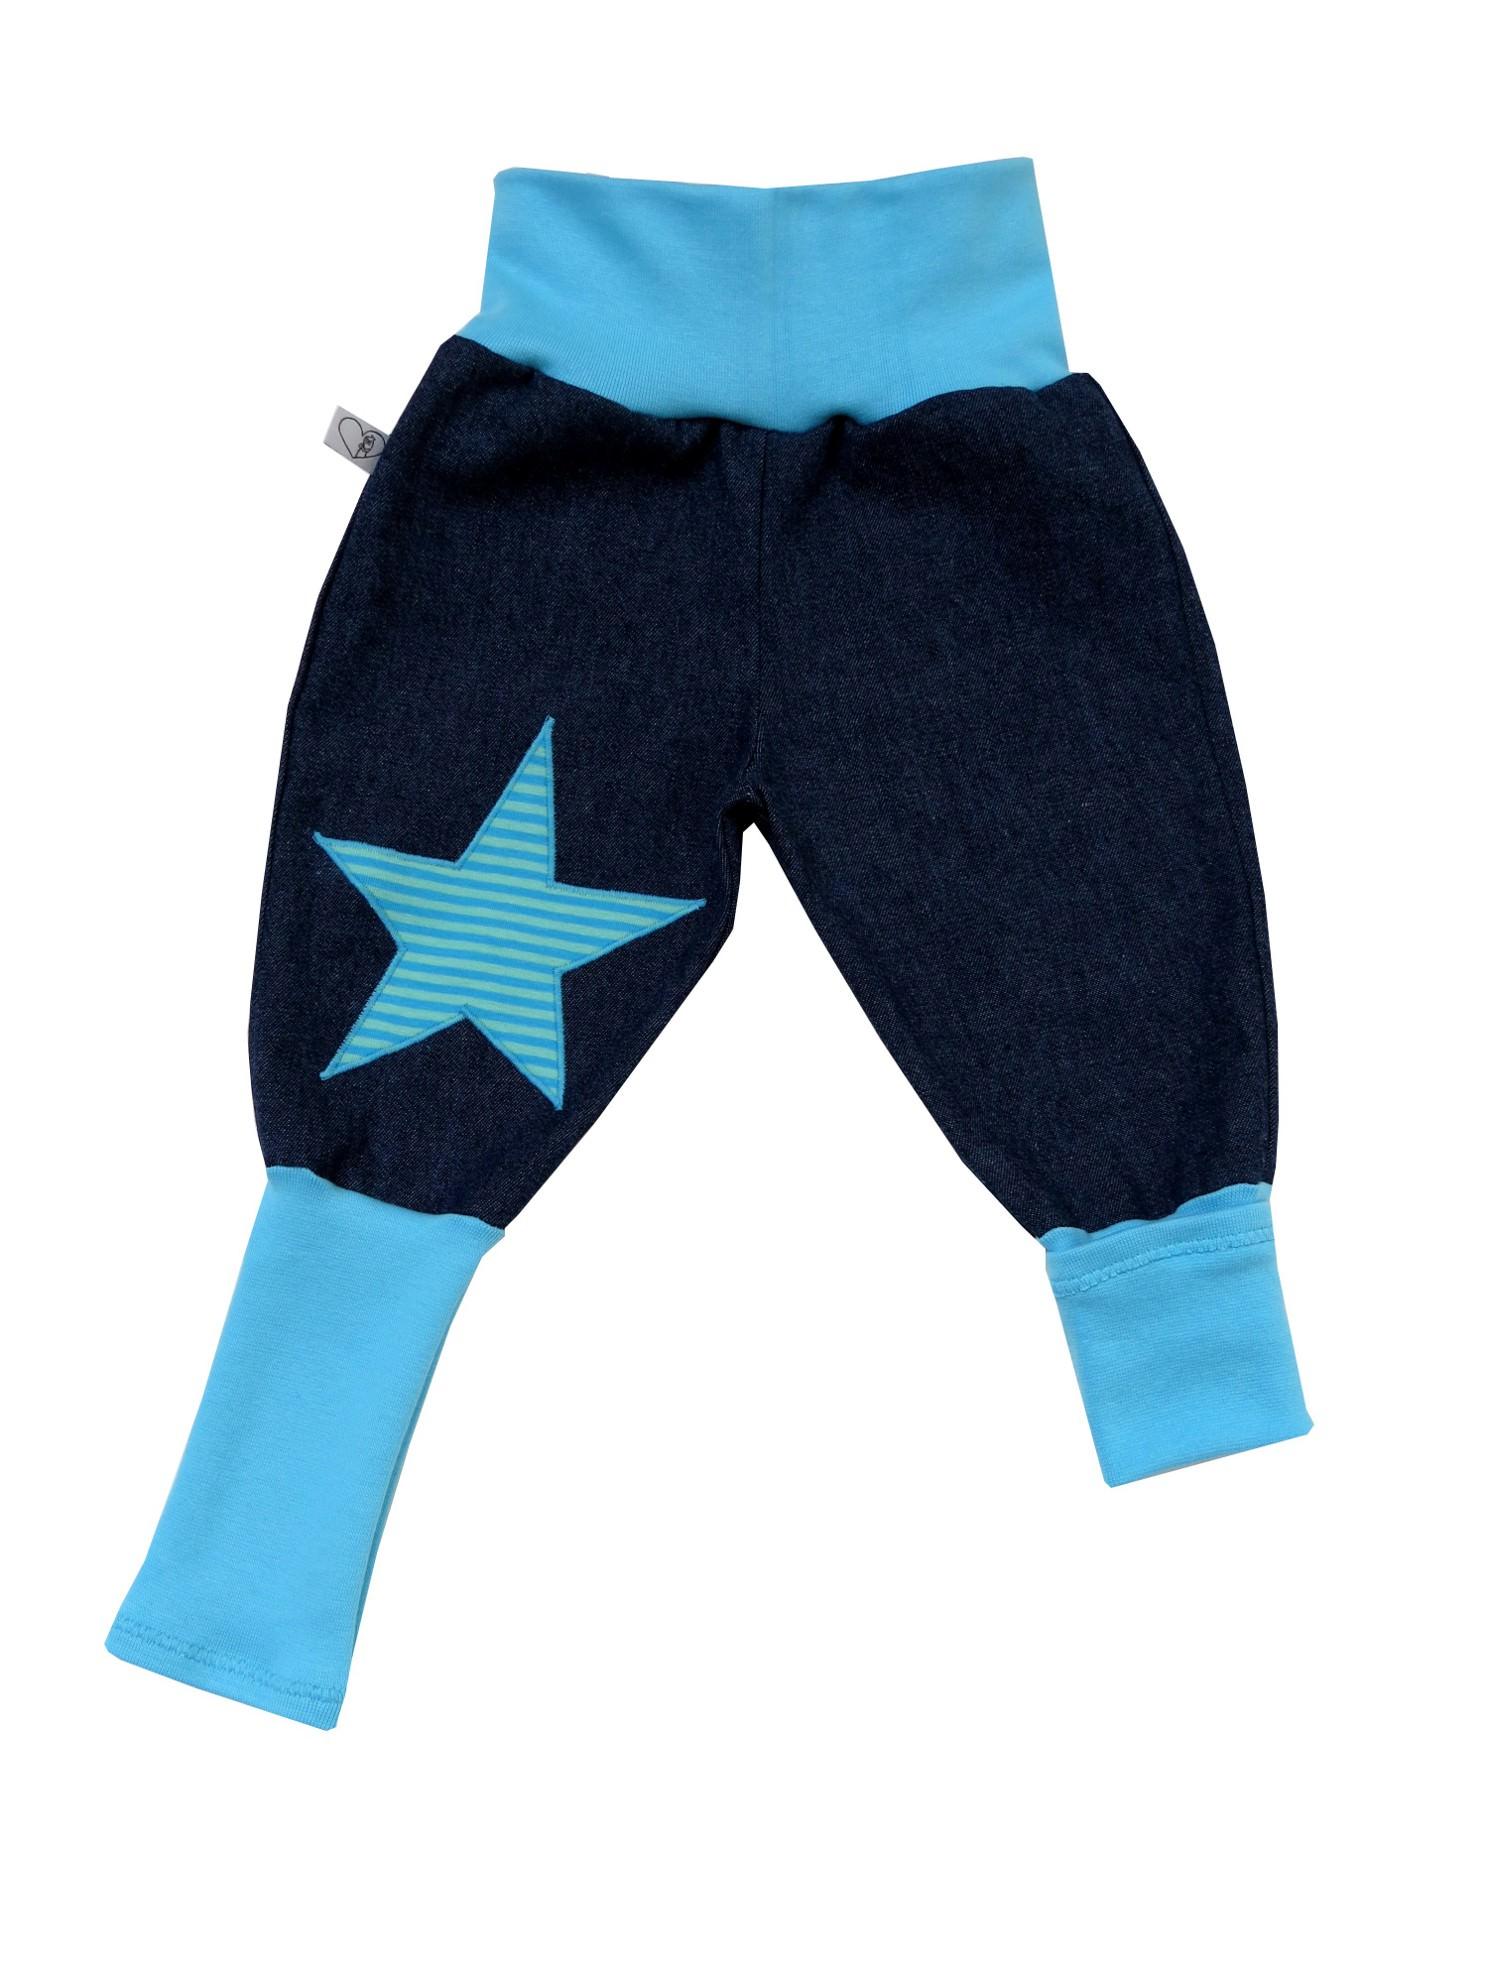 Kleinesbild - Jeans Mitwachshose Stern türkis Babyhose Hose Pumphose